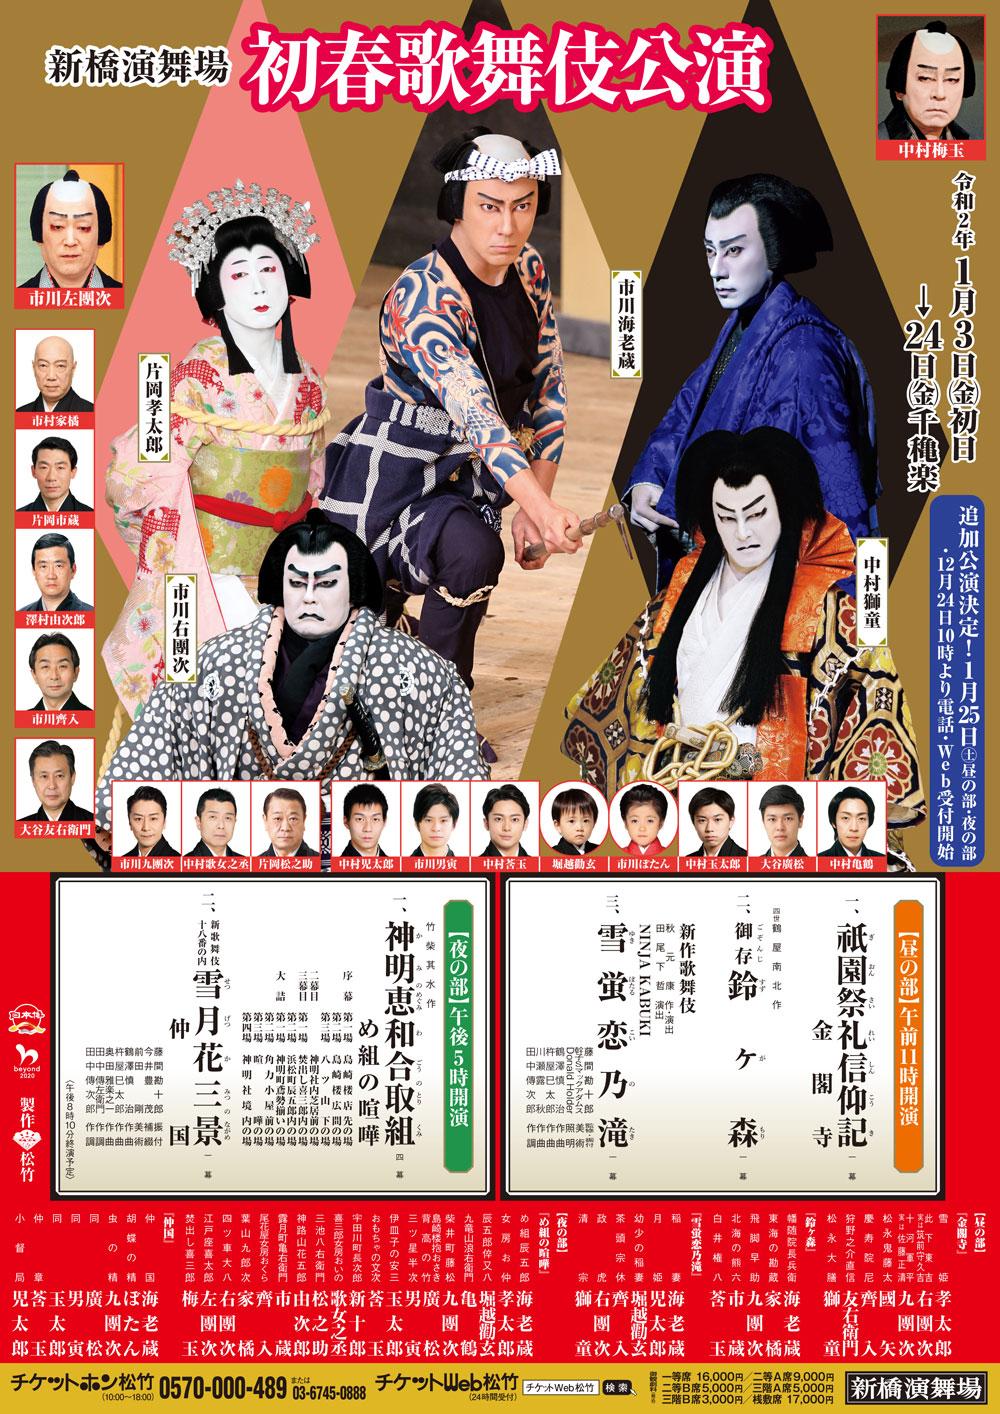 初春歌舞伎公演|新橋演舞場|歌舞伎美人